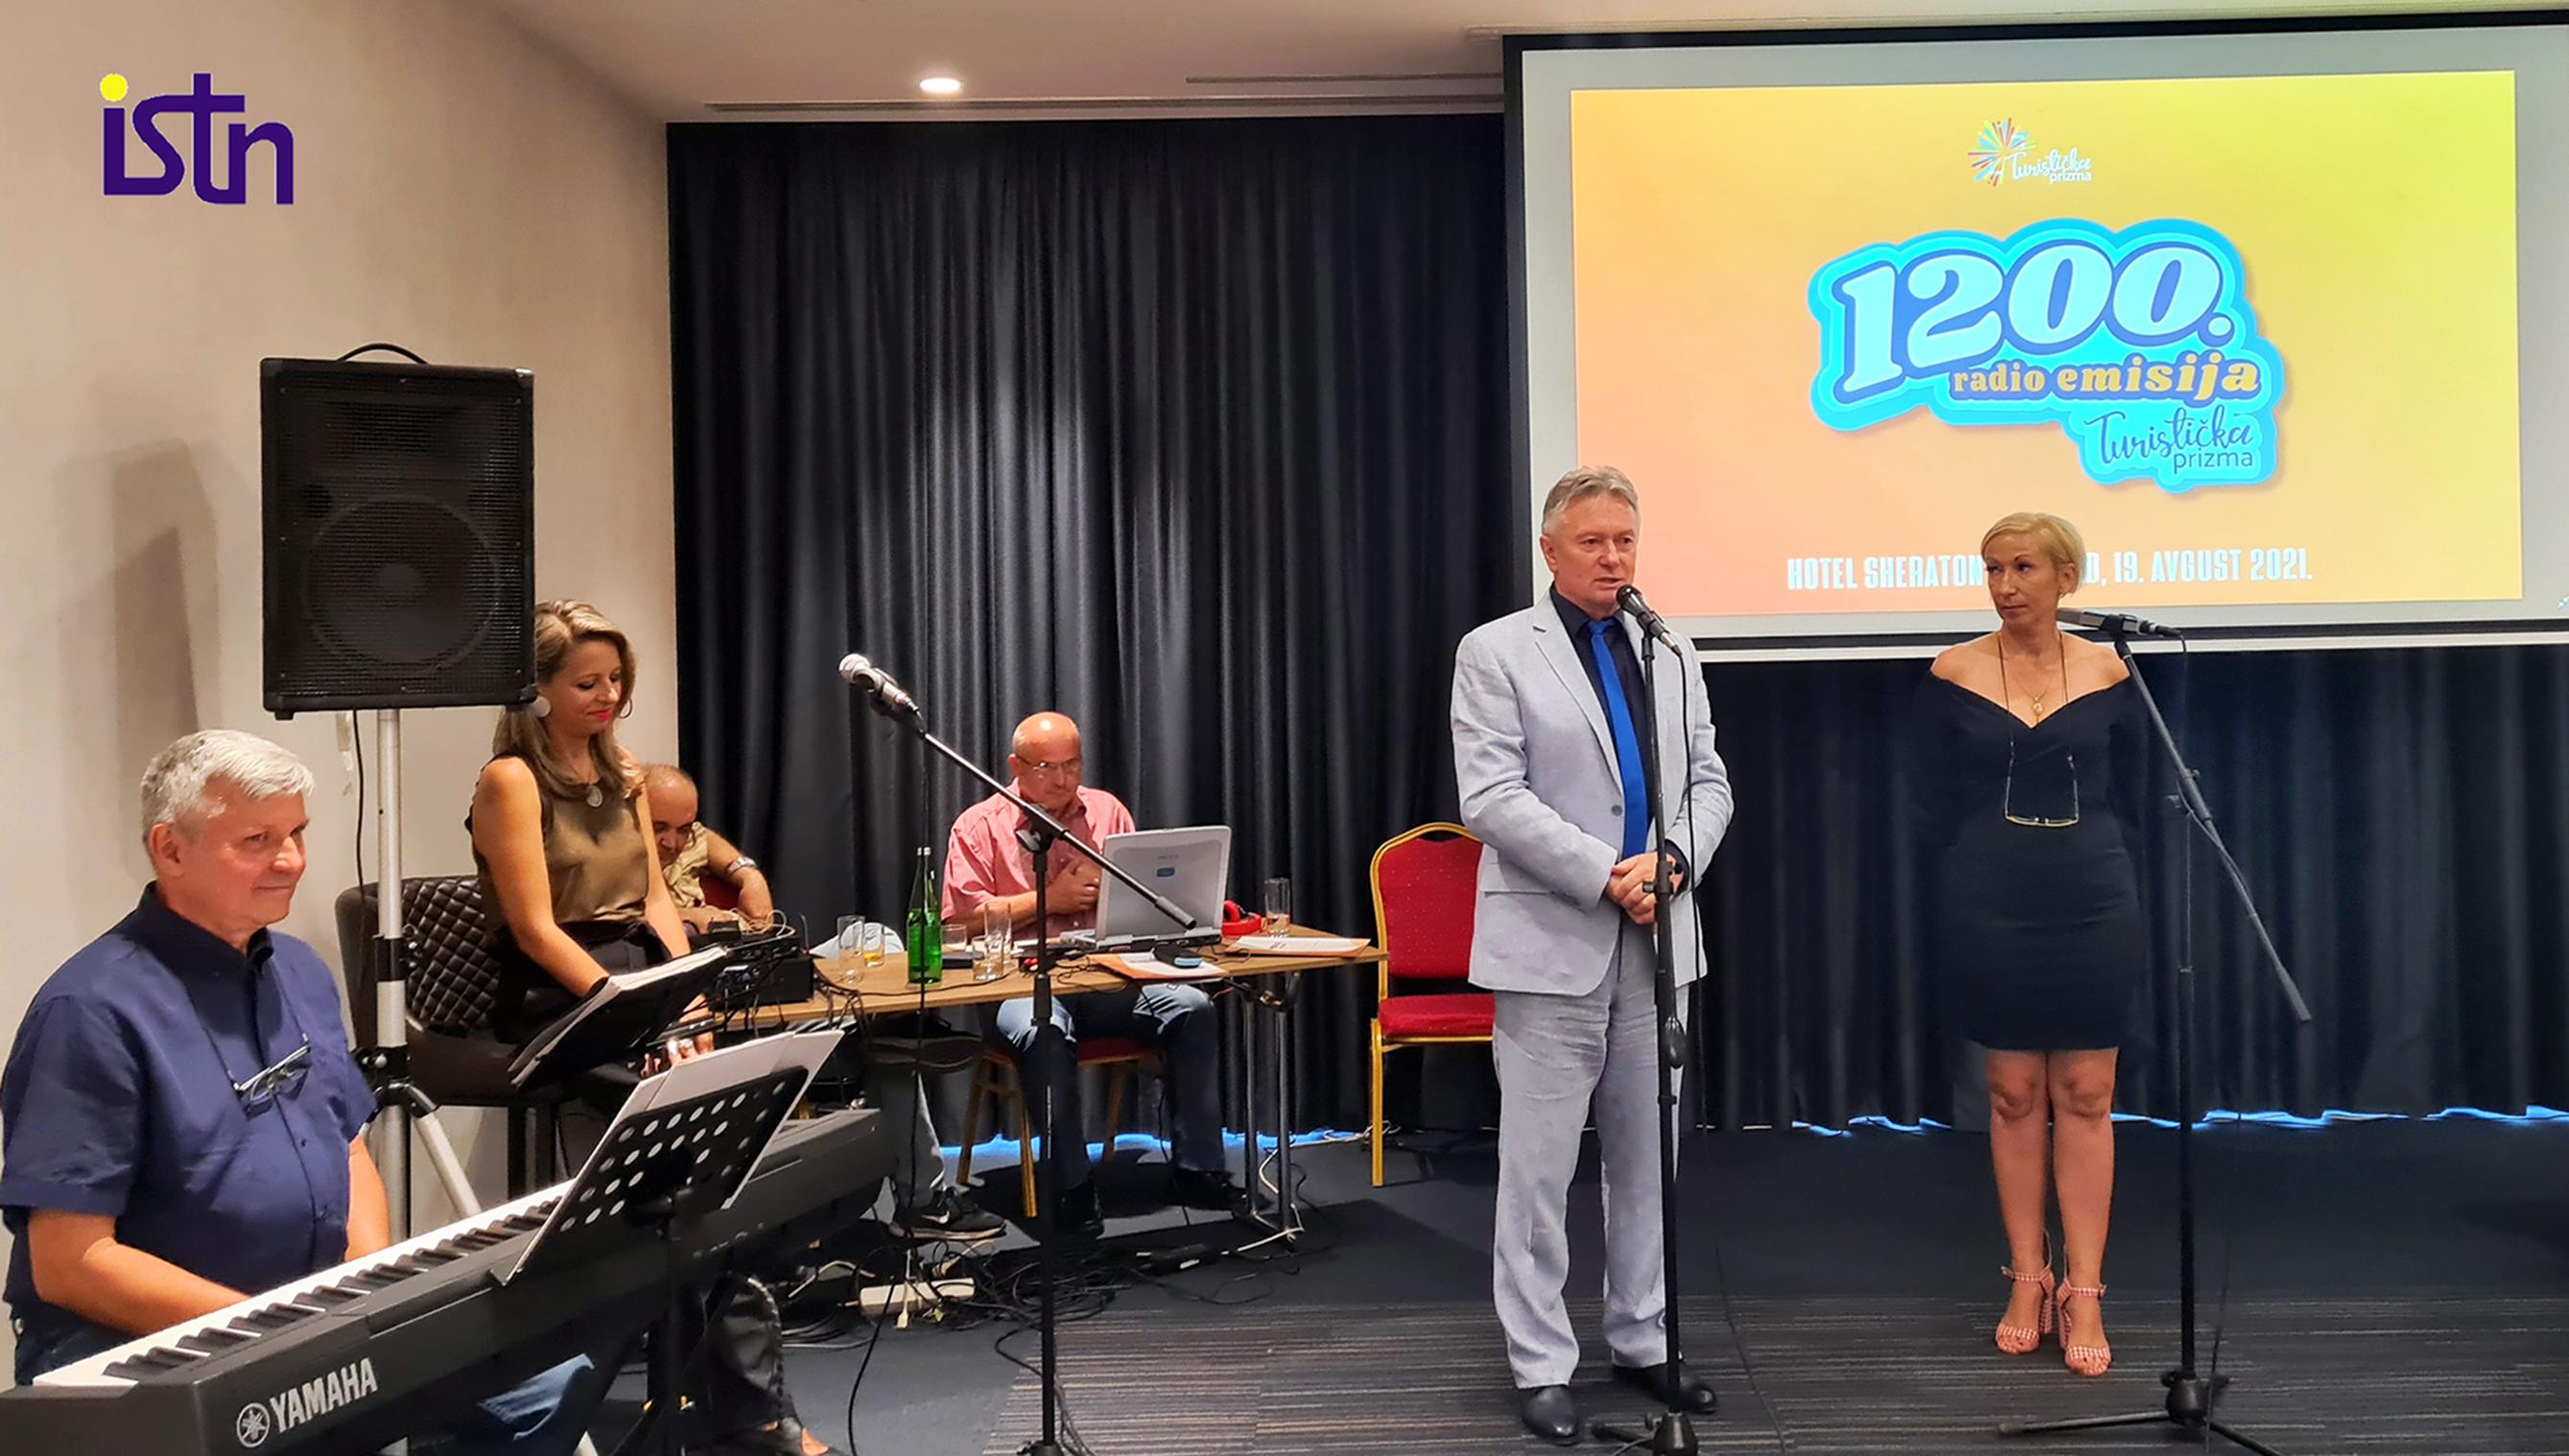 Djordje Mihajlovic, urednik Turisticke prizme, na snimanju 1200 emisije, ISTN